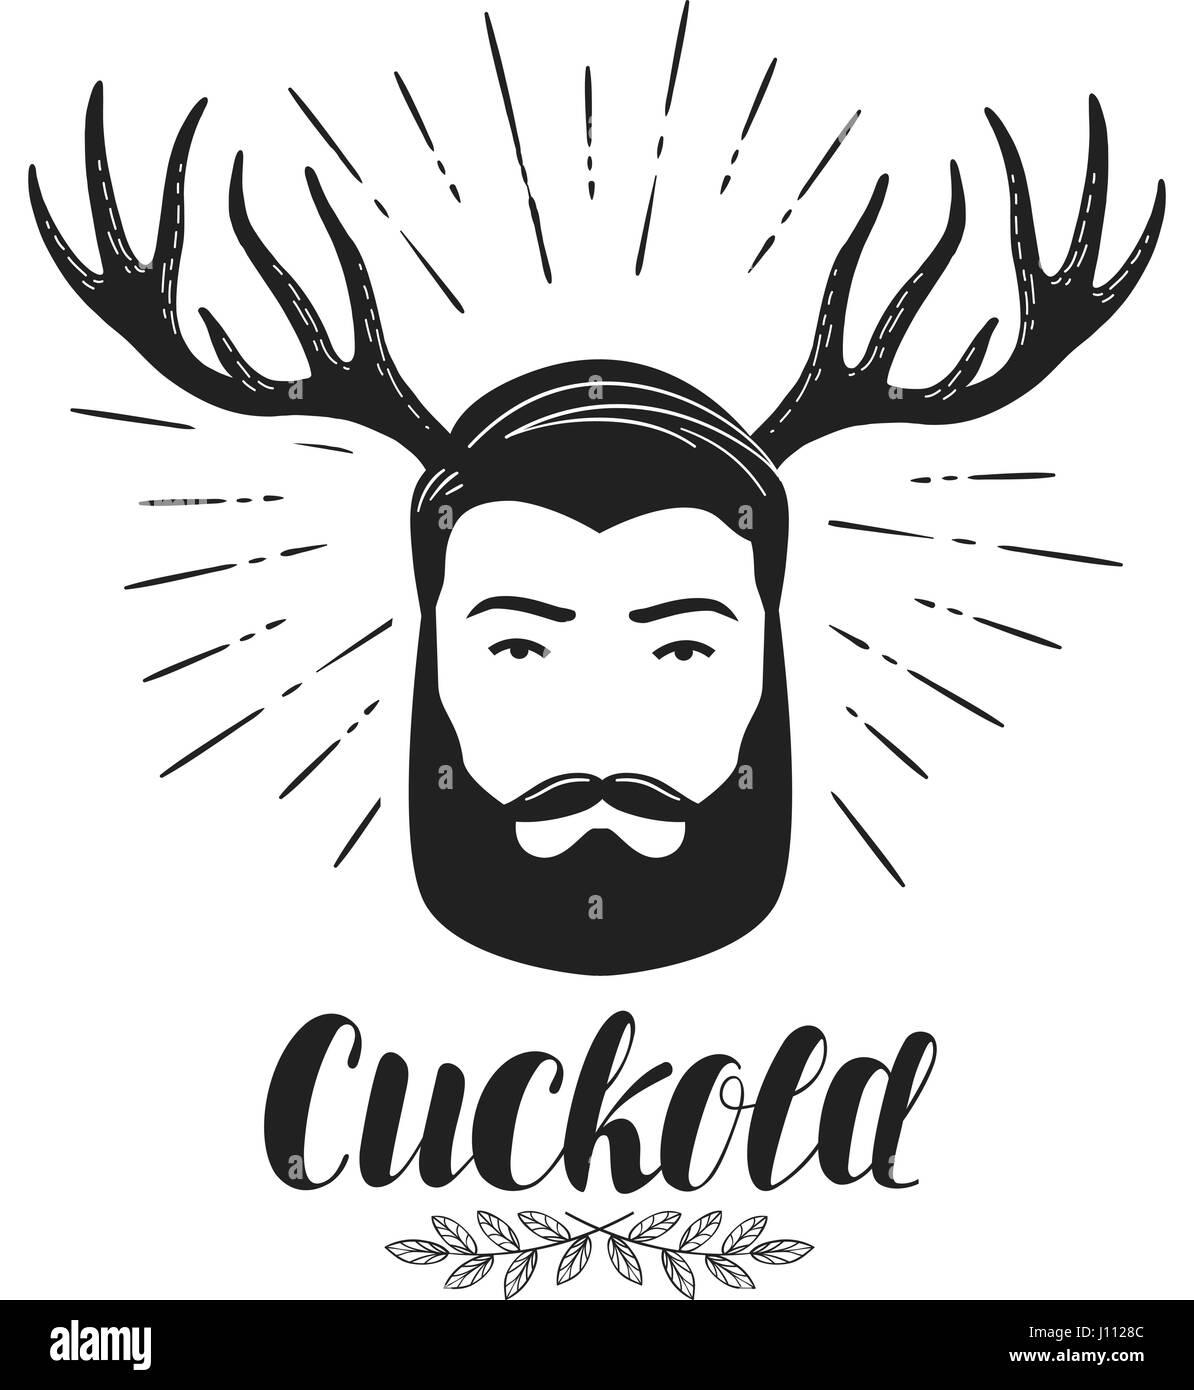 Cornudo, Icono o símbolo. Hombre Barbado con cuernos, etiqueta. Rotulación ilustración vectorial Ilustración del Vector